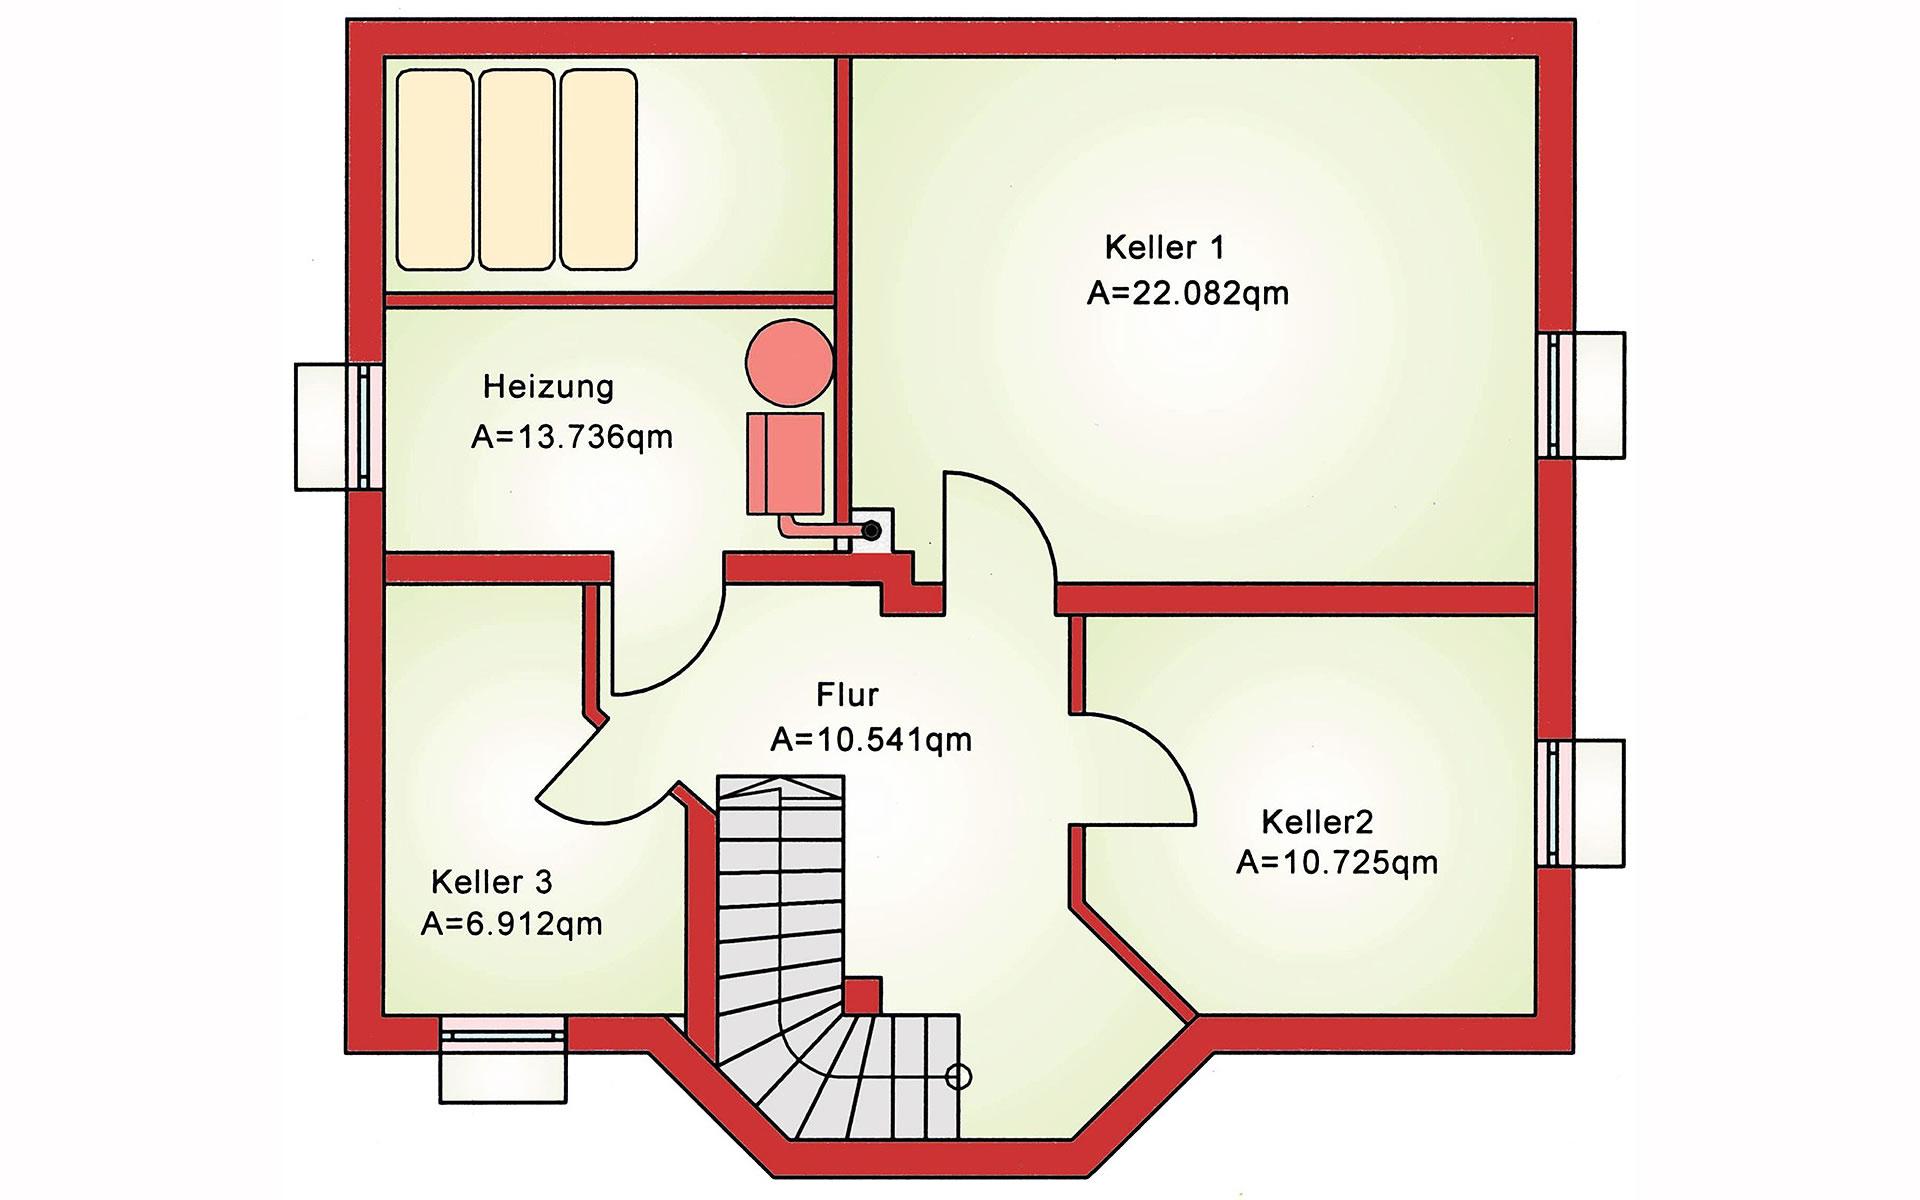 Keller Einfamilienhaus BS 112 von B&S Selbstbausysteme GmbH & Co. KG